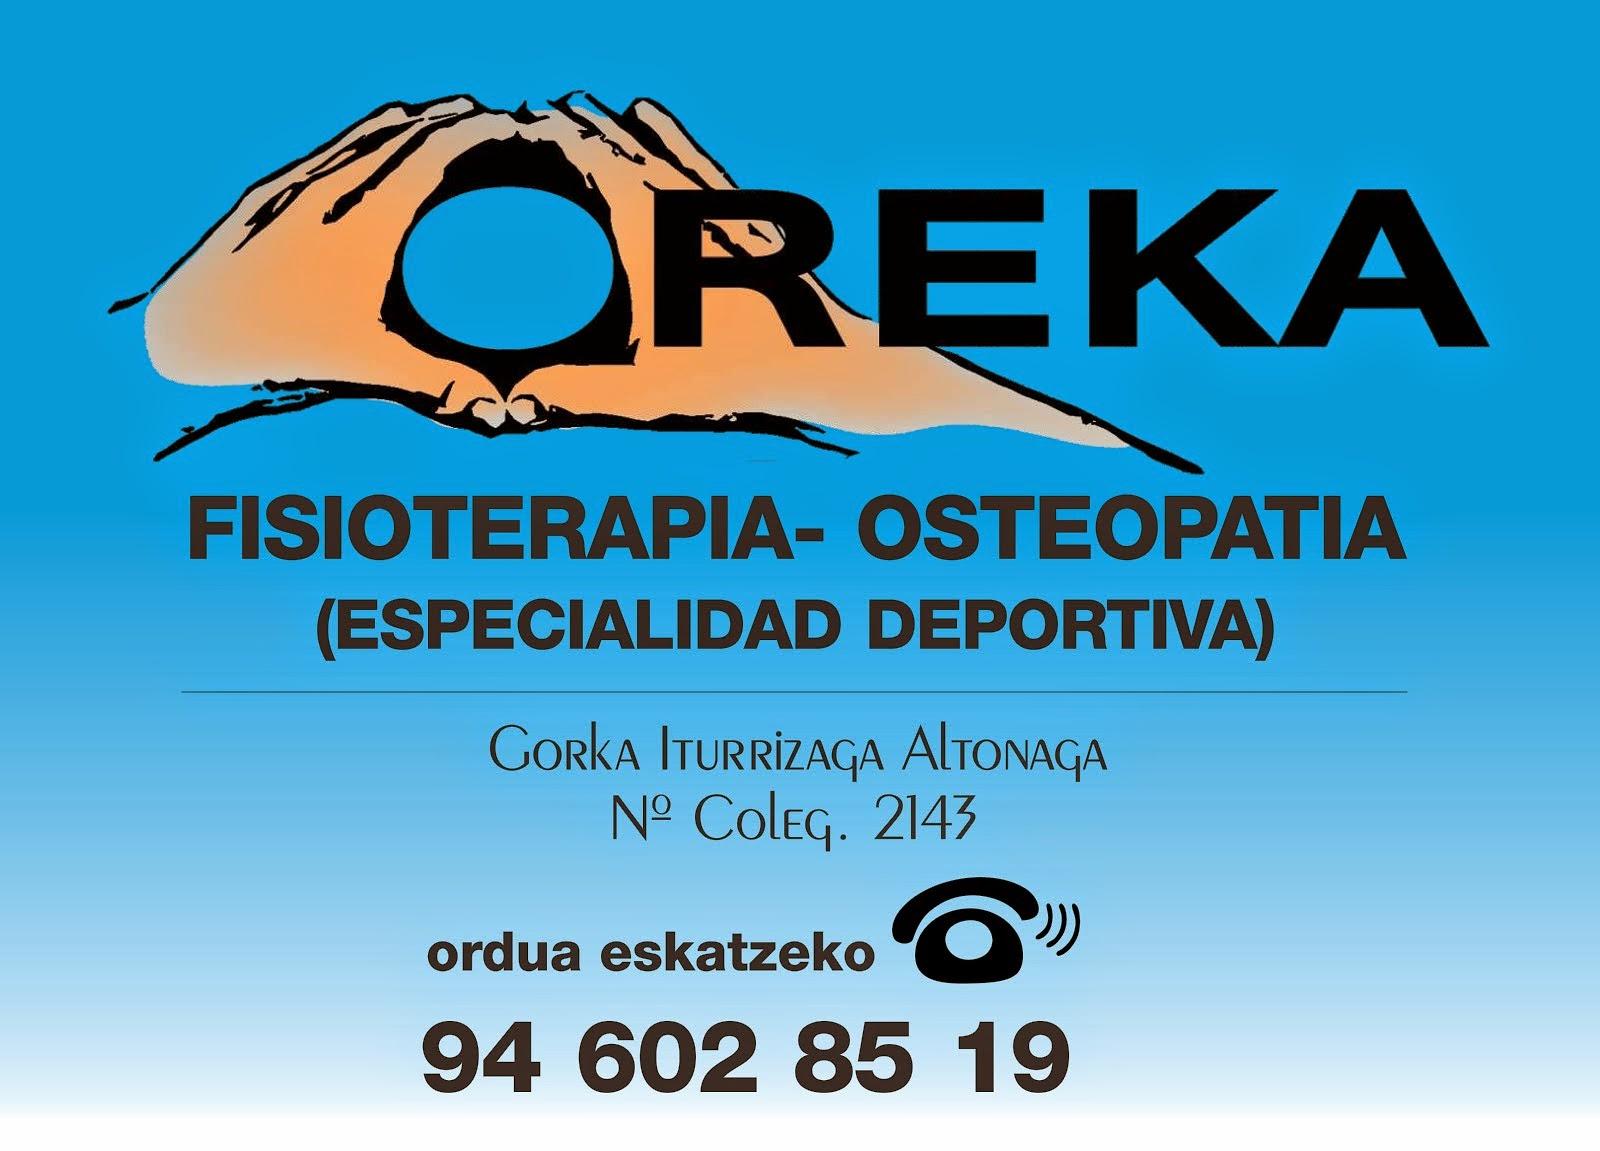 OREKA FISIOTERAPIA